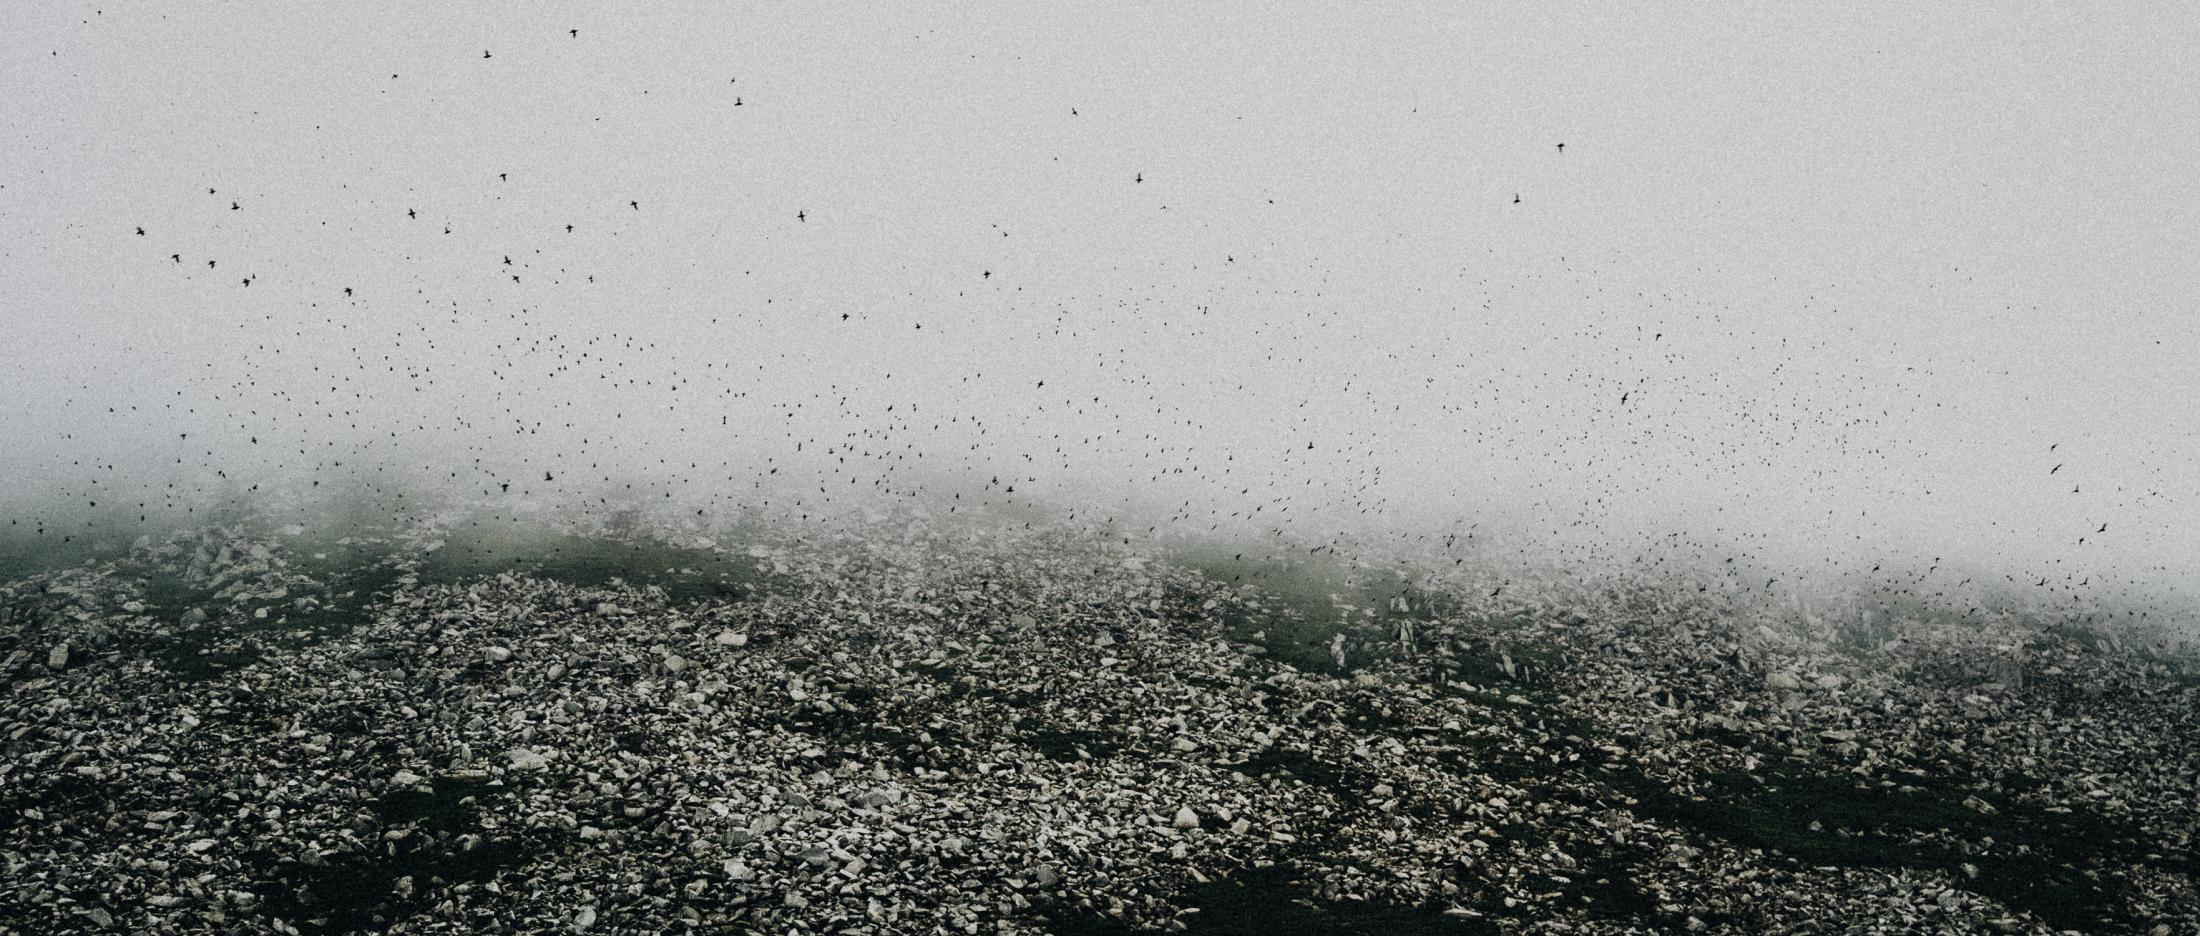 Birds in summer darken the Diomede's skies.